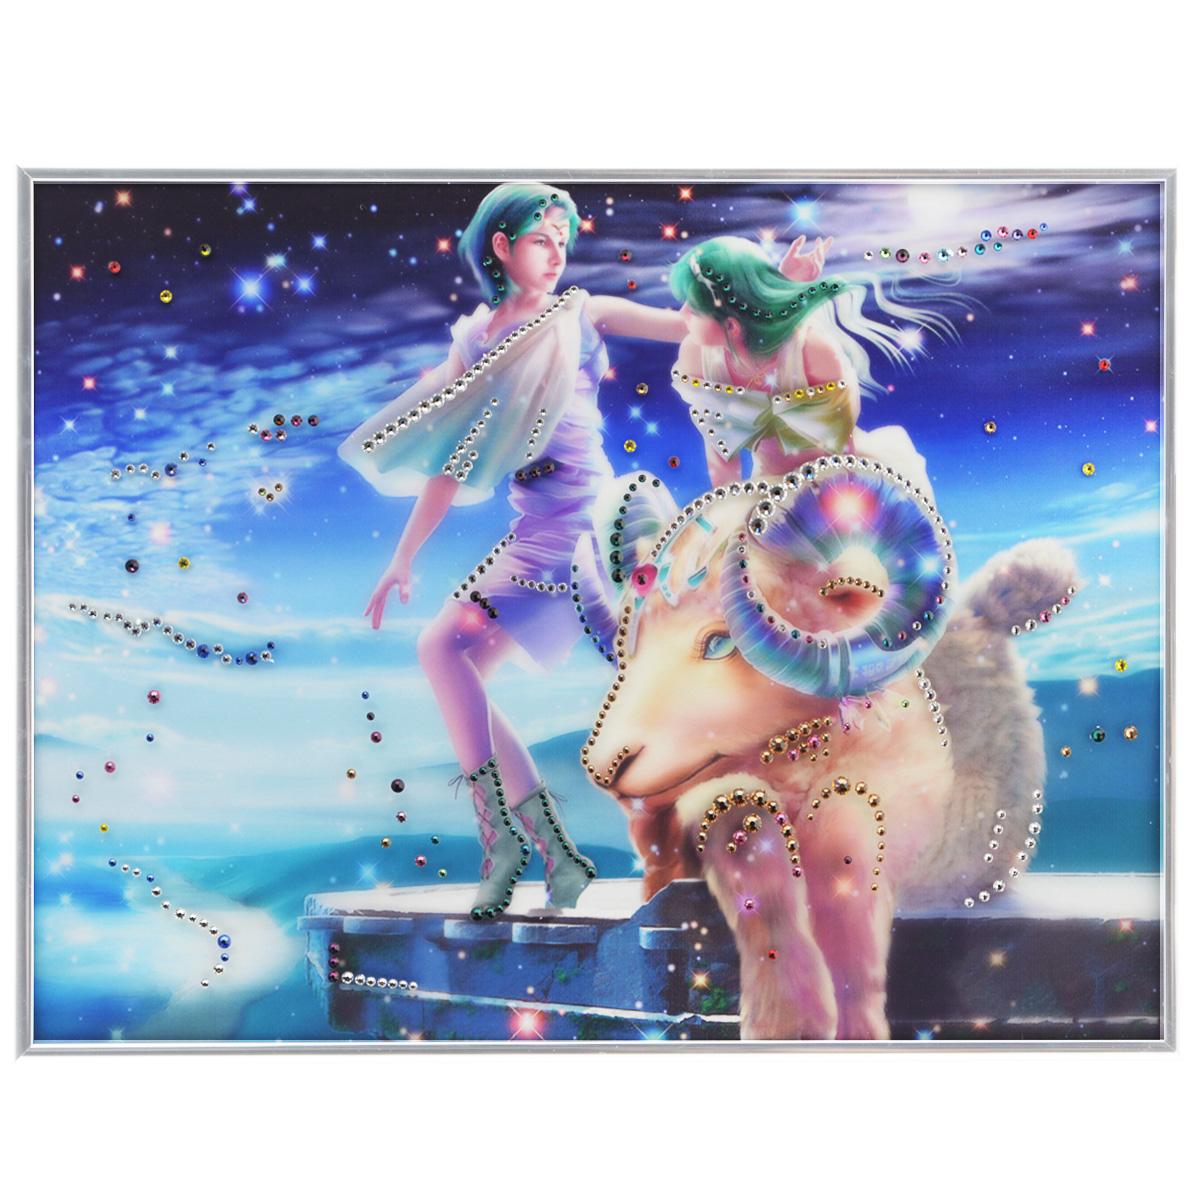 Картина с кристаллами Swarovski Знак зодиака. Овен Кагая, 40 см х 30 смPM-3302Изящная картина в металлической раме, инкрустирована кристаллами Swarovski, которые отличаются четкой и ровной огранкой, ярким блеском и чистотой цвета. Красочное изображение знака зодиака - овен Кагая, расположенное под стеклом, прекрасно дополняет блеск кристаллов. С обратной стороны имеется металлическая петелька для размещения картины на стене. Картина с кристаллами Swarovski Знак зодиака. Овен Кагая элегантно украсит интерьер дома или офиса, а также станет прекрасным подарком, который обязательно понравится получателю. Блеск кристаллов в интерьере, что может быть сказочнее и удивительнее. Картина упакована в подарочную картонную коробку синего цвета и комплектуется сертификатом соответствия Swarovski.